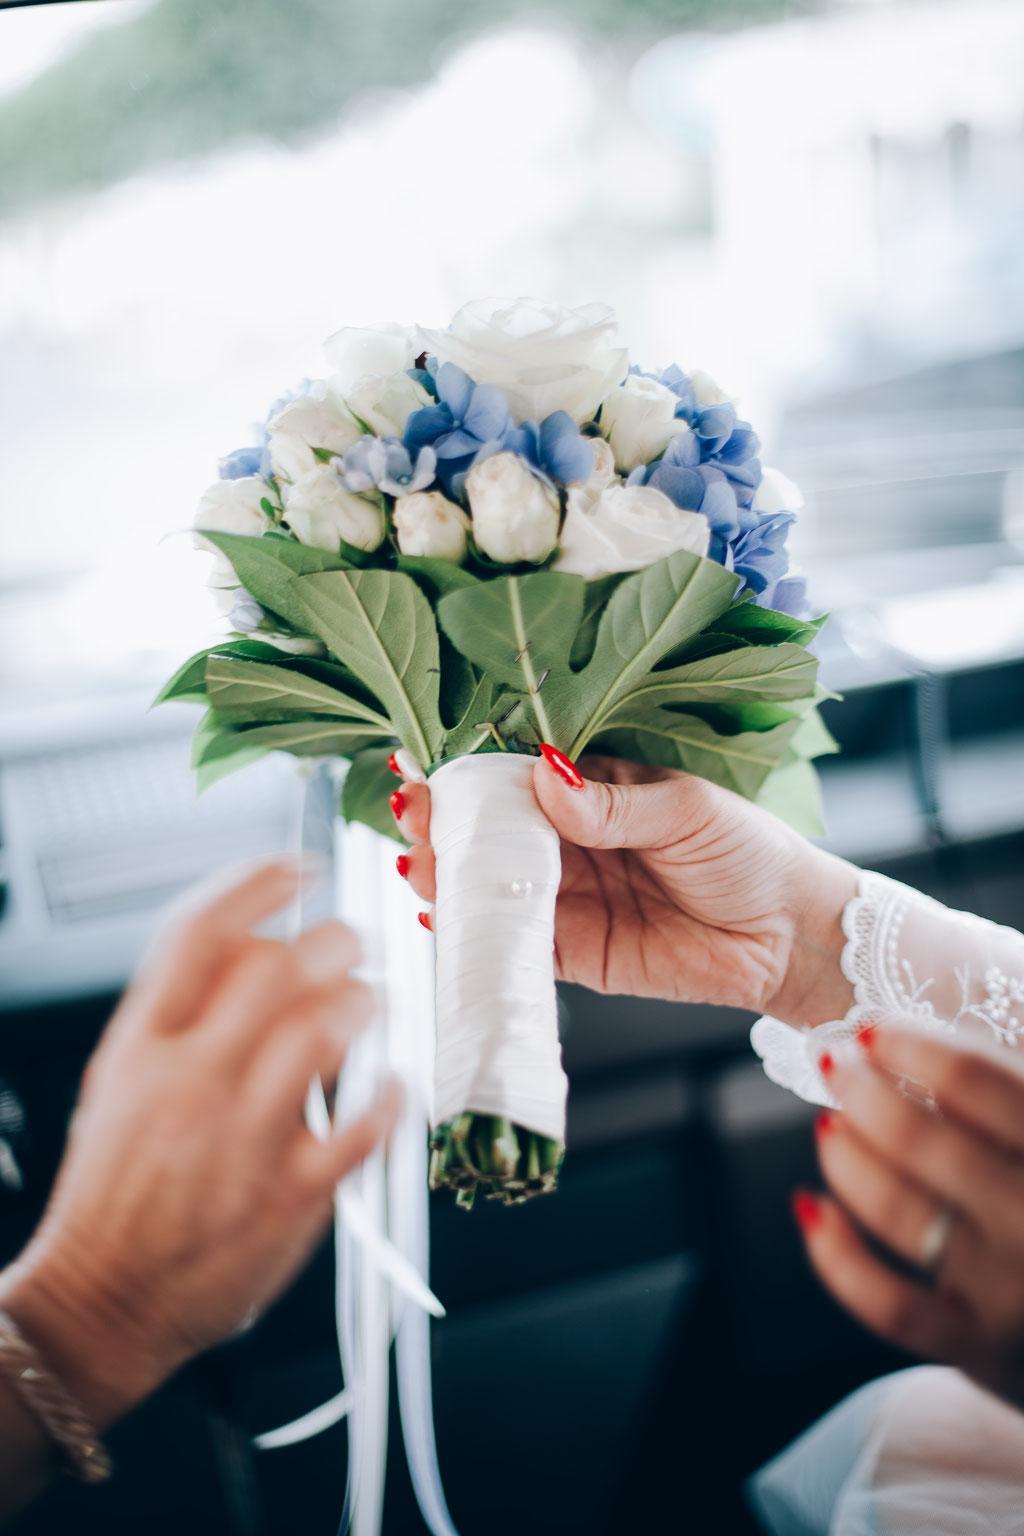 Hochzeitsfotograf-Rostock Brautstrauß im Hochzeitsauto Oldtimer